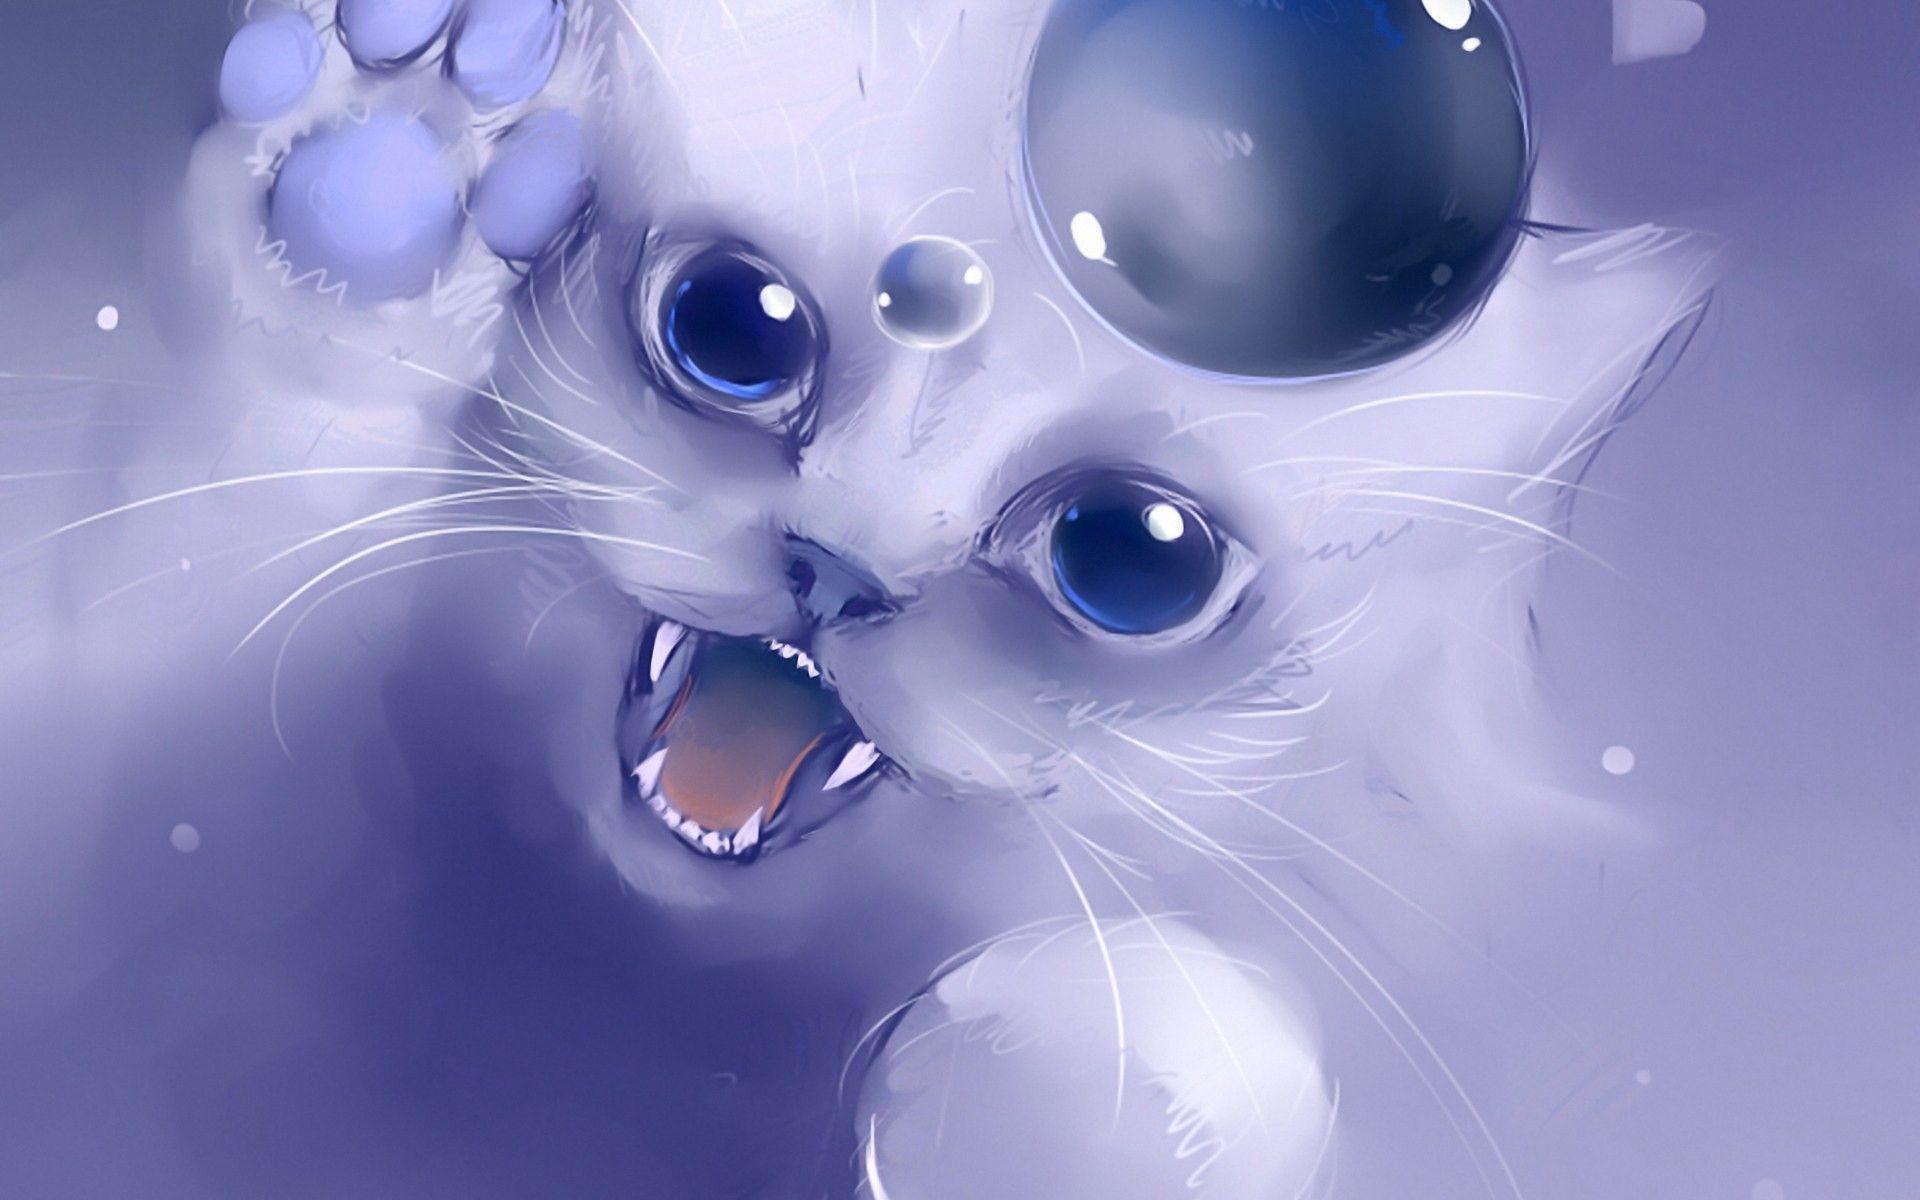 cat artwork hd wallpaper | art hd wallpapers | pinterest